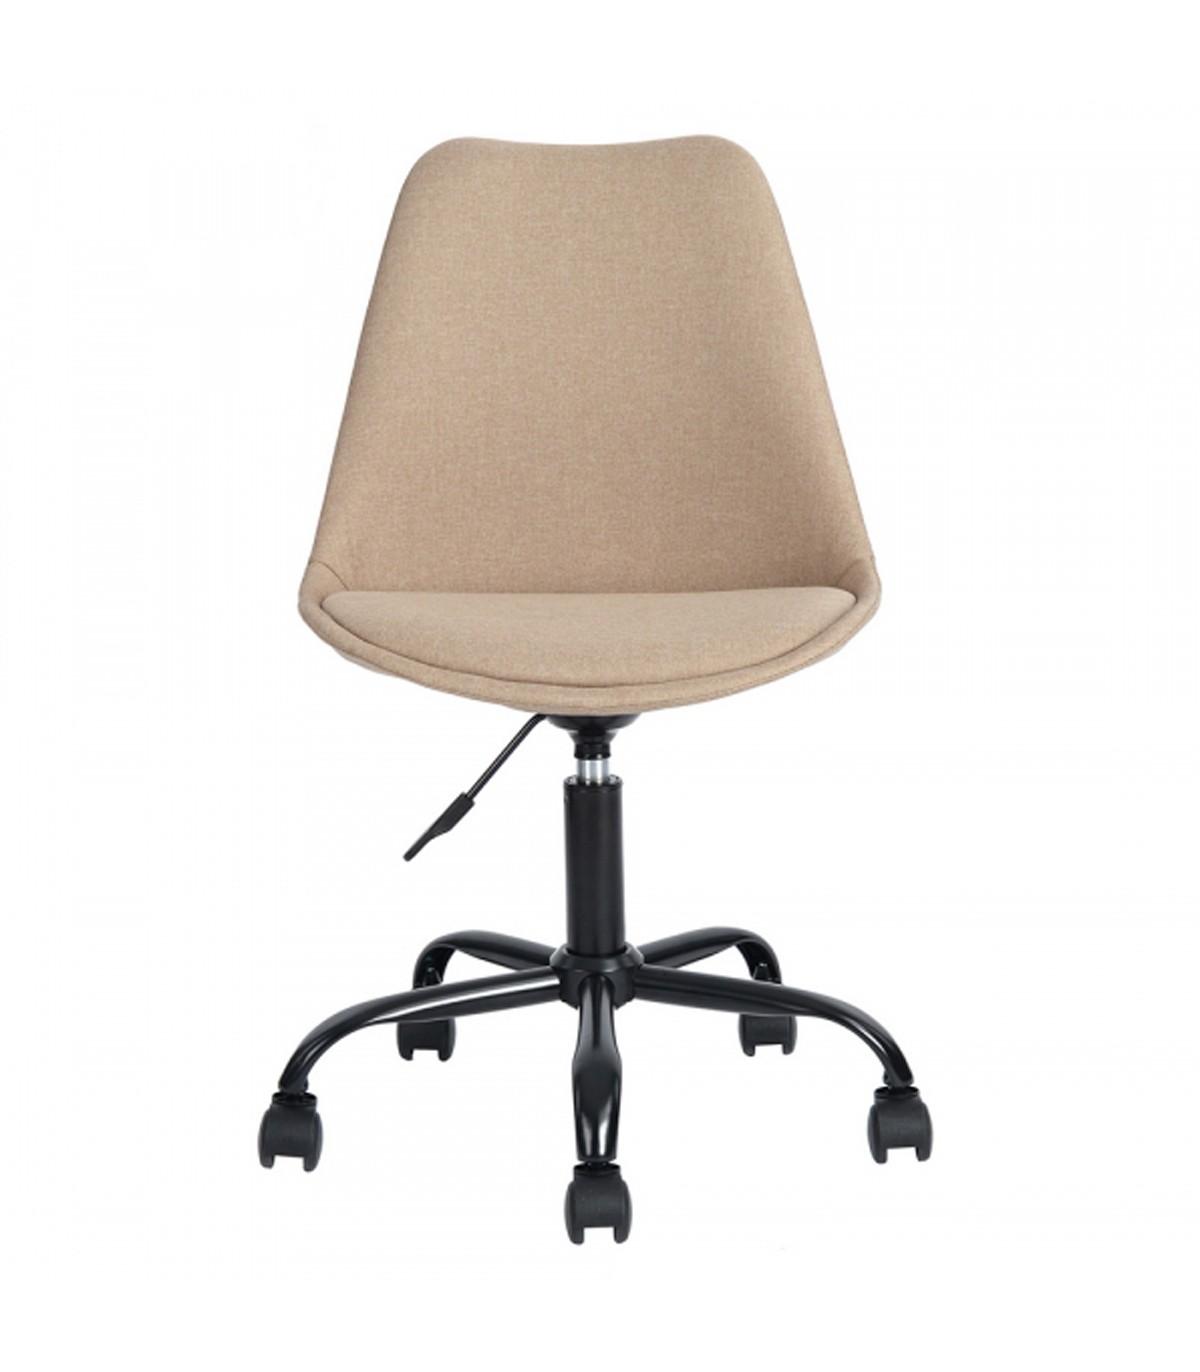 Chaise de bureau en tissu - Beige